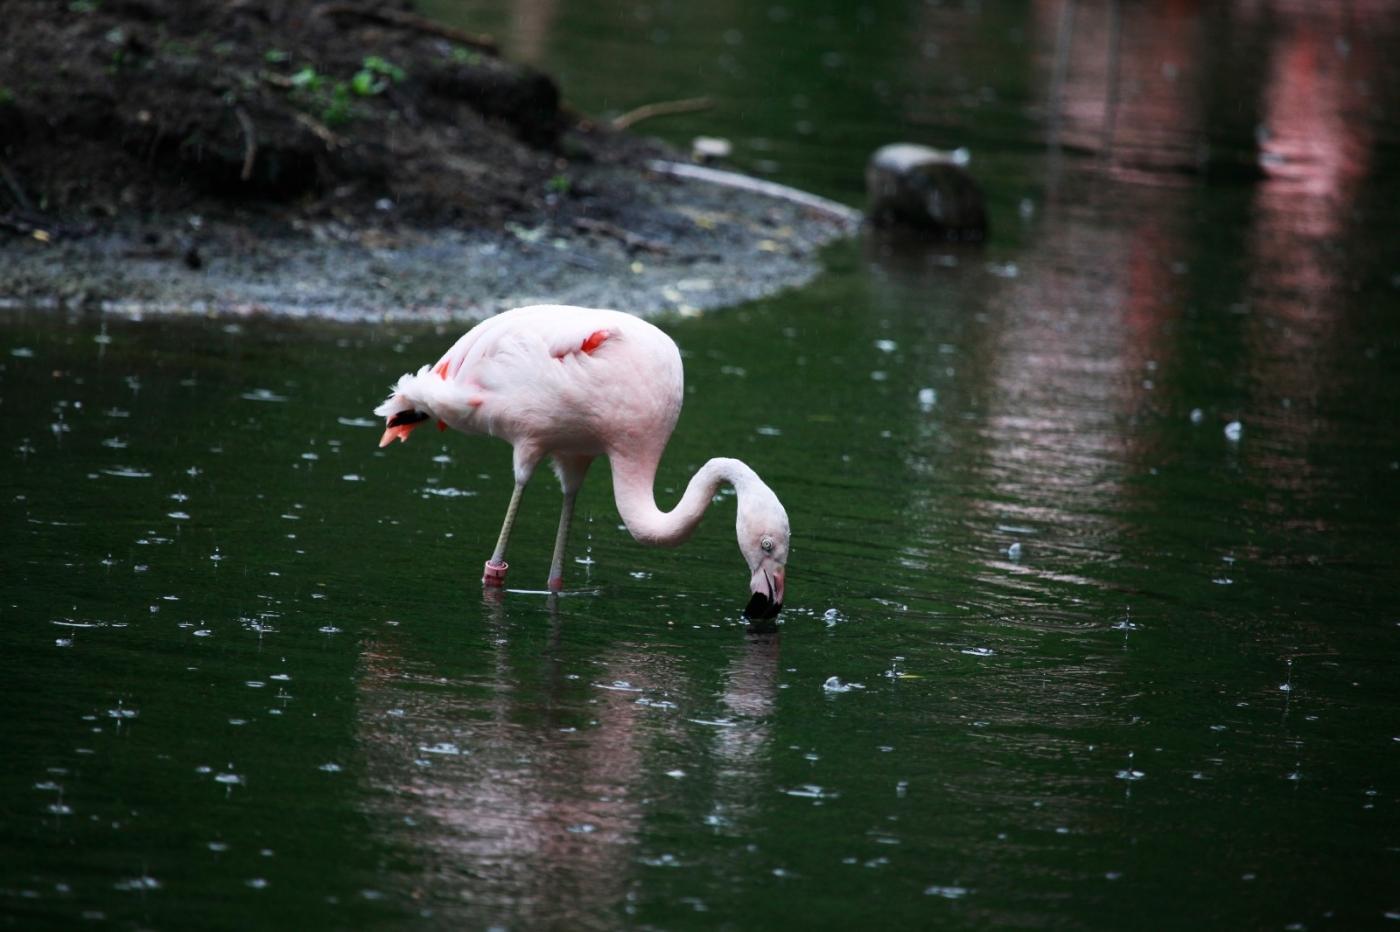 动物园花絮(摄于布朗士动物园,皇后区动物园)_图1-7